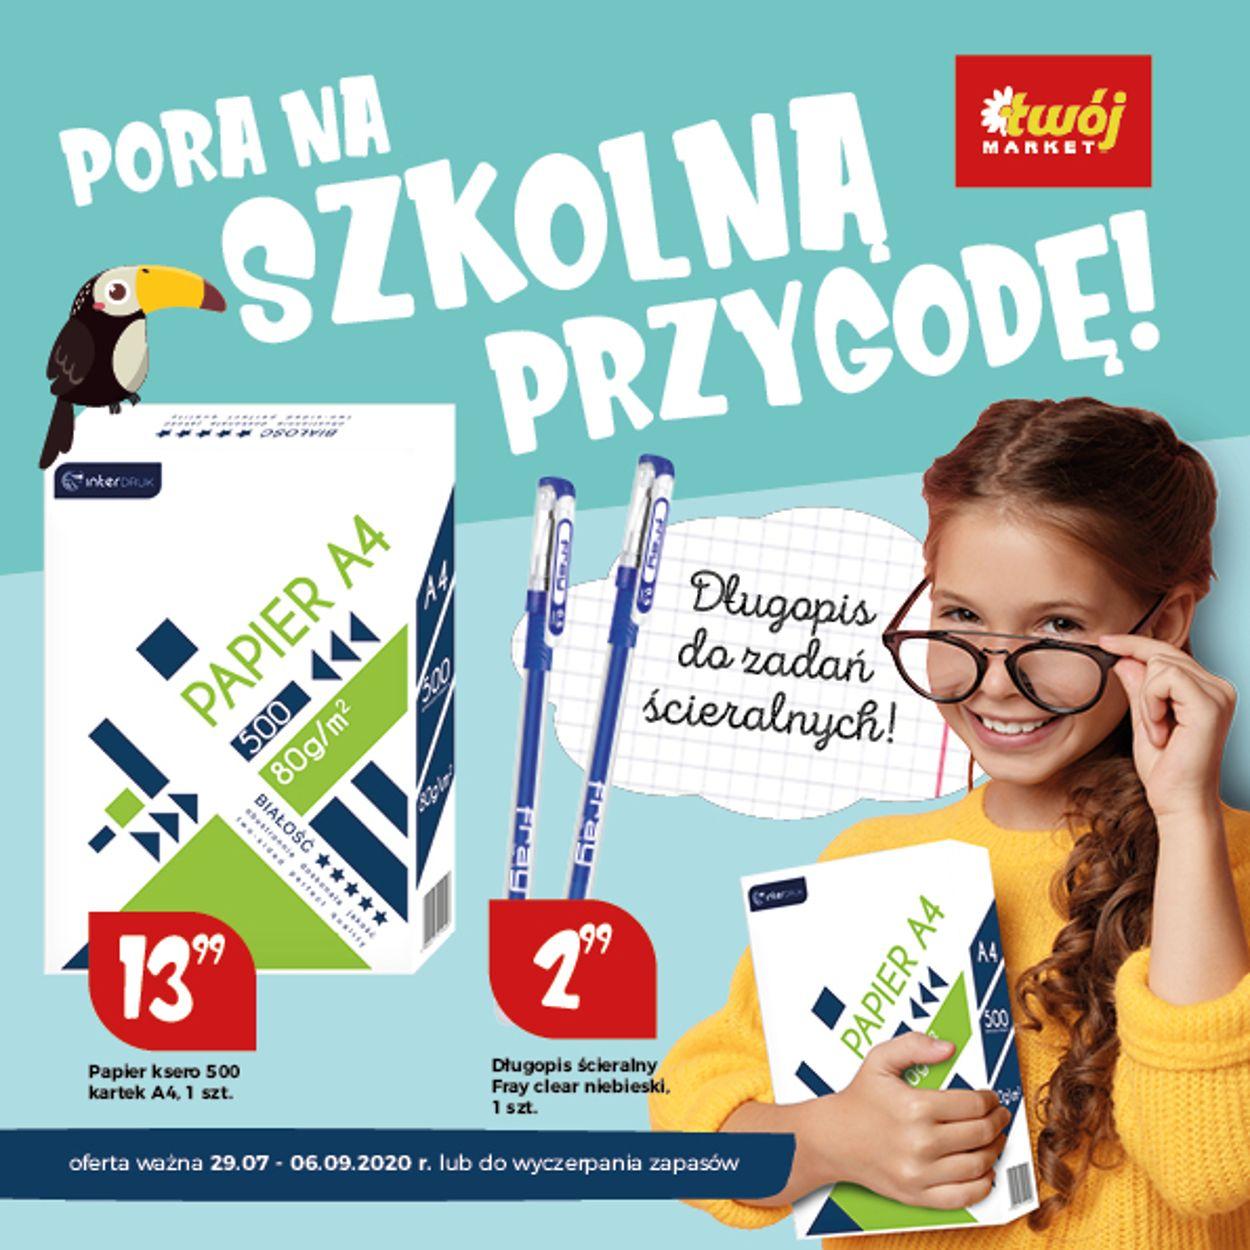 Gazetka promocyjna Twój Market - 29.07-06.09.2020